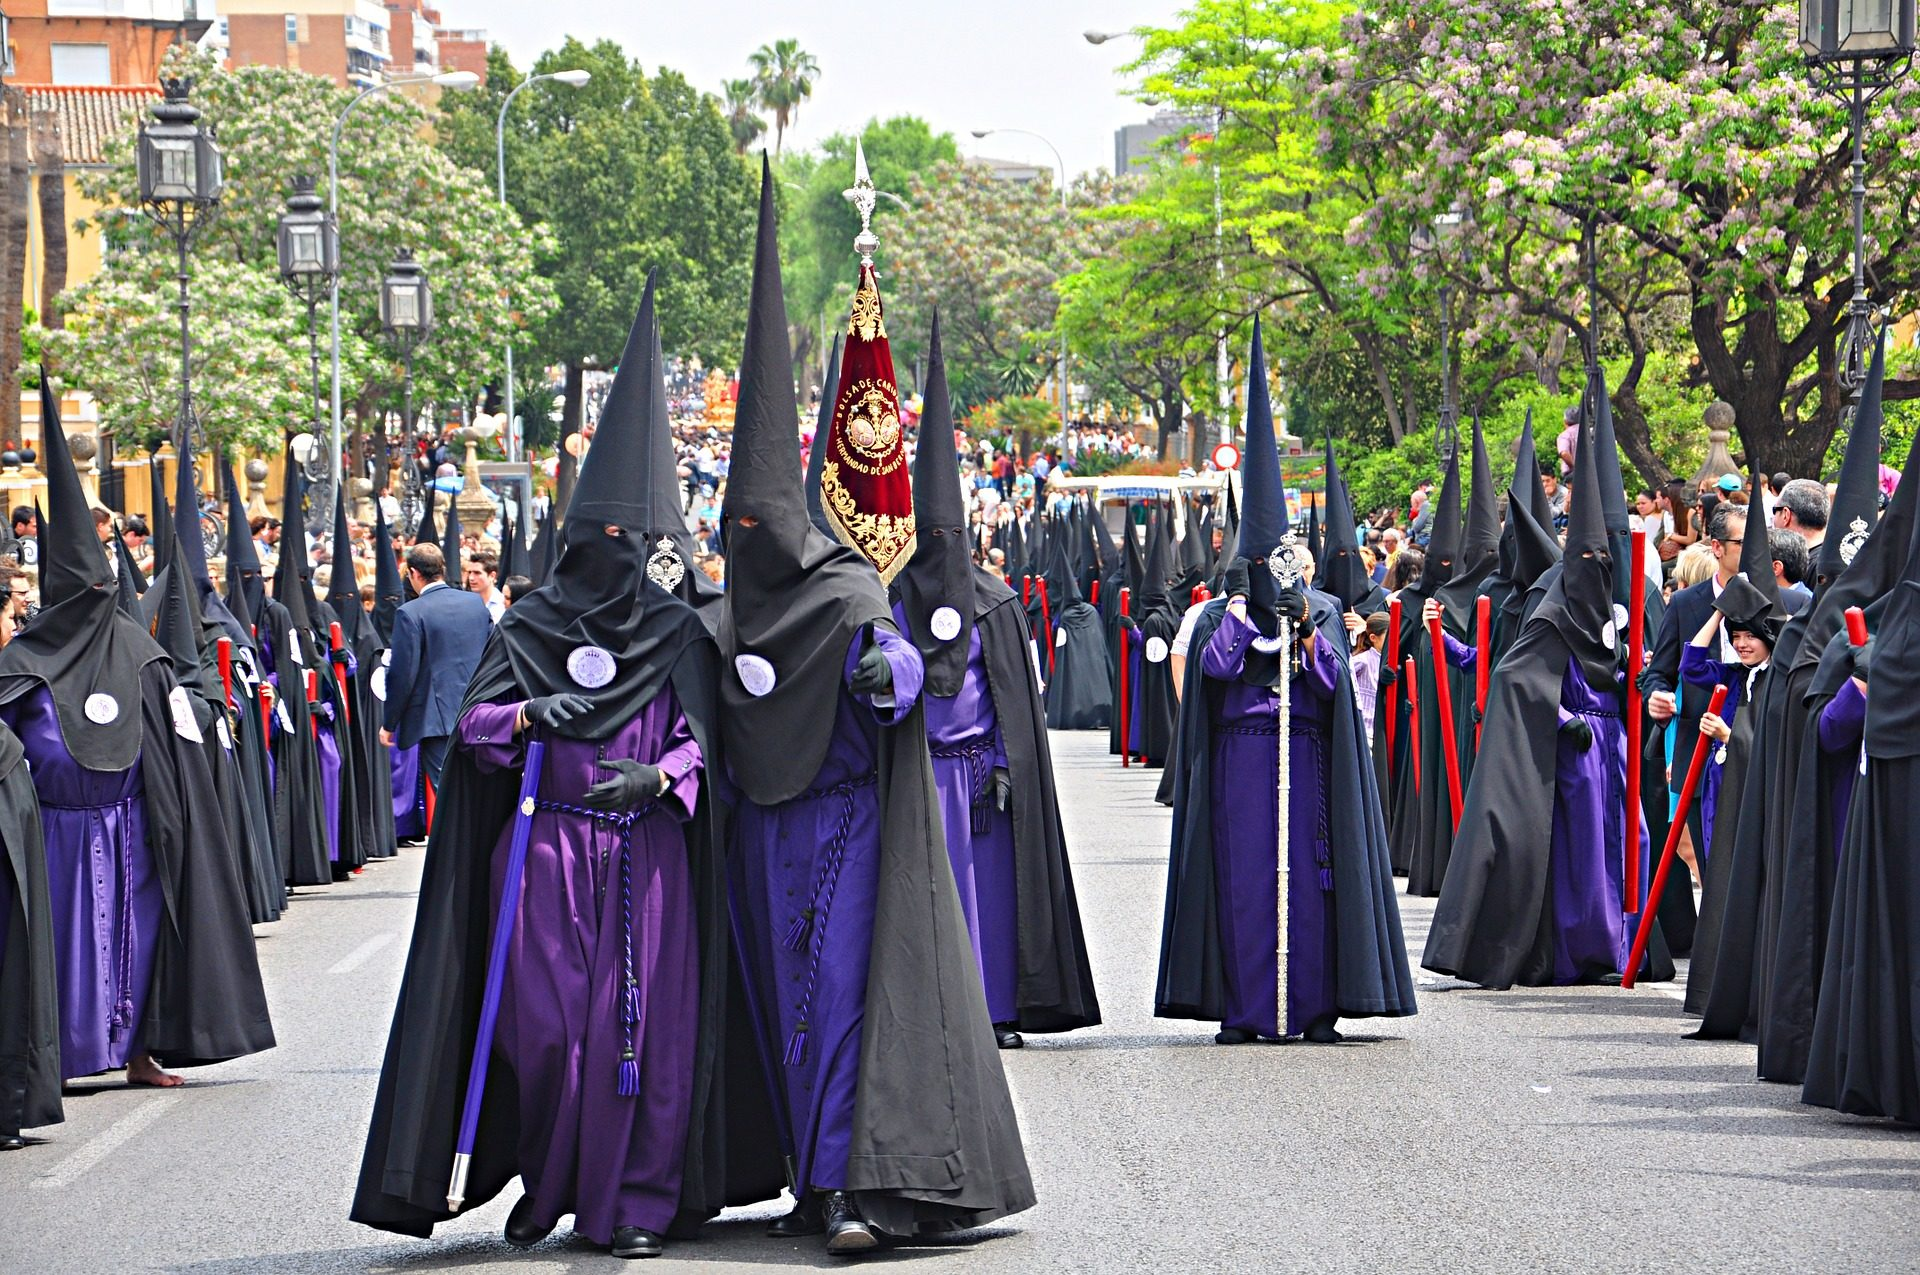 复活节, 游行, 兄弟会, 拿撒勒, 基督教, 塞维利亚, 西班牙 - 高清壁纸 - 教授-falken.com